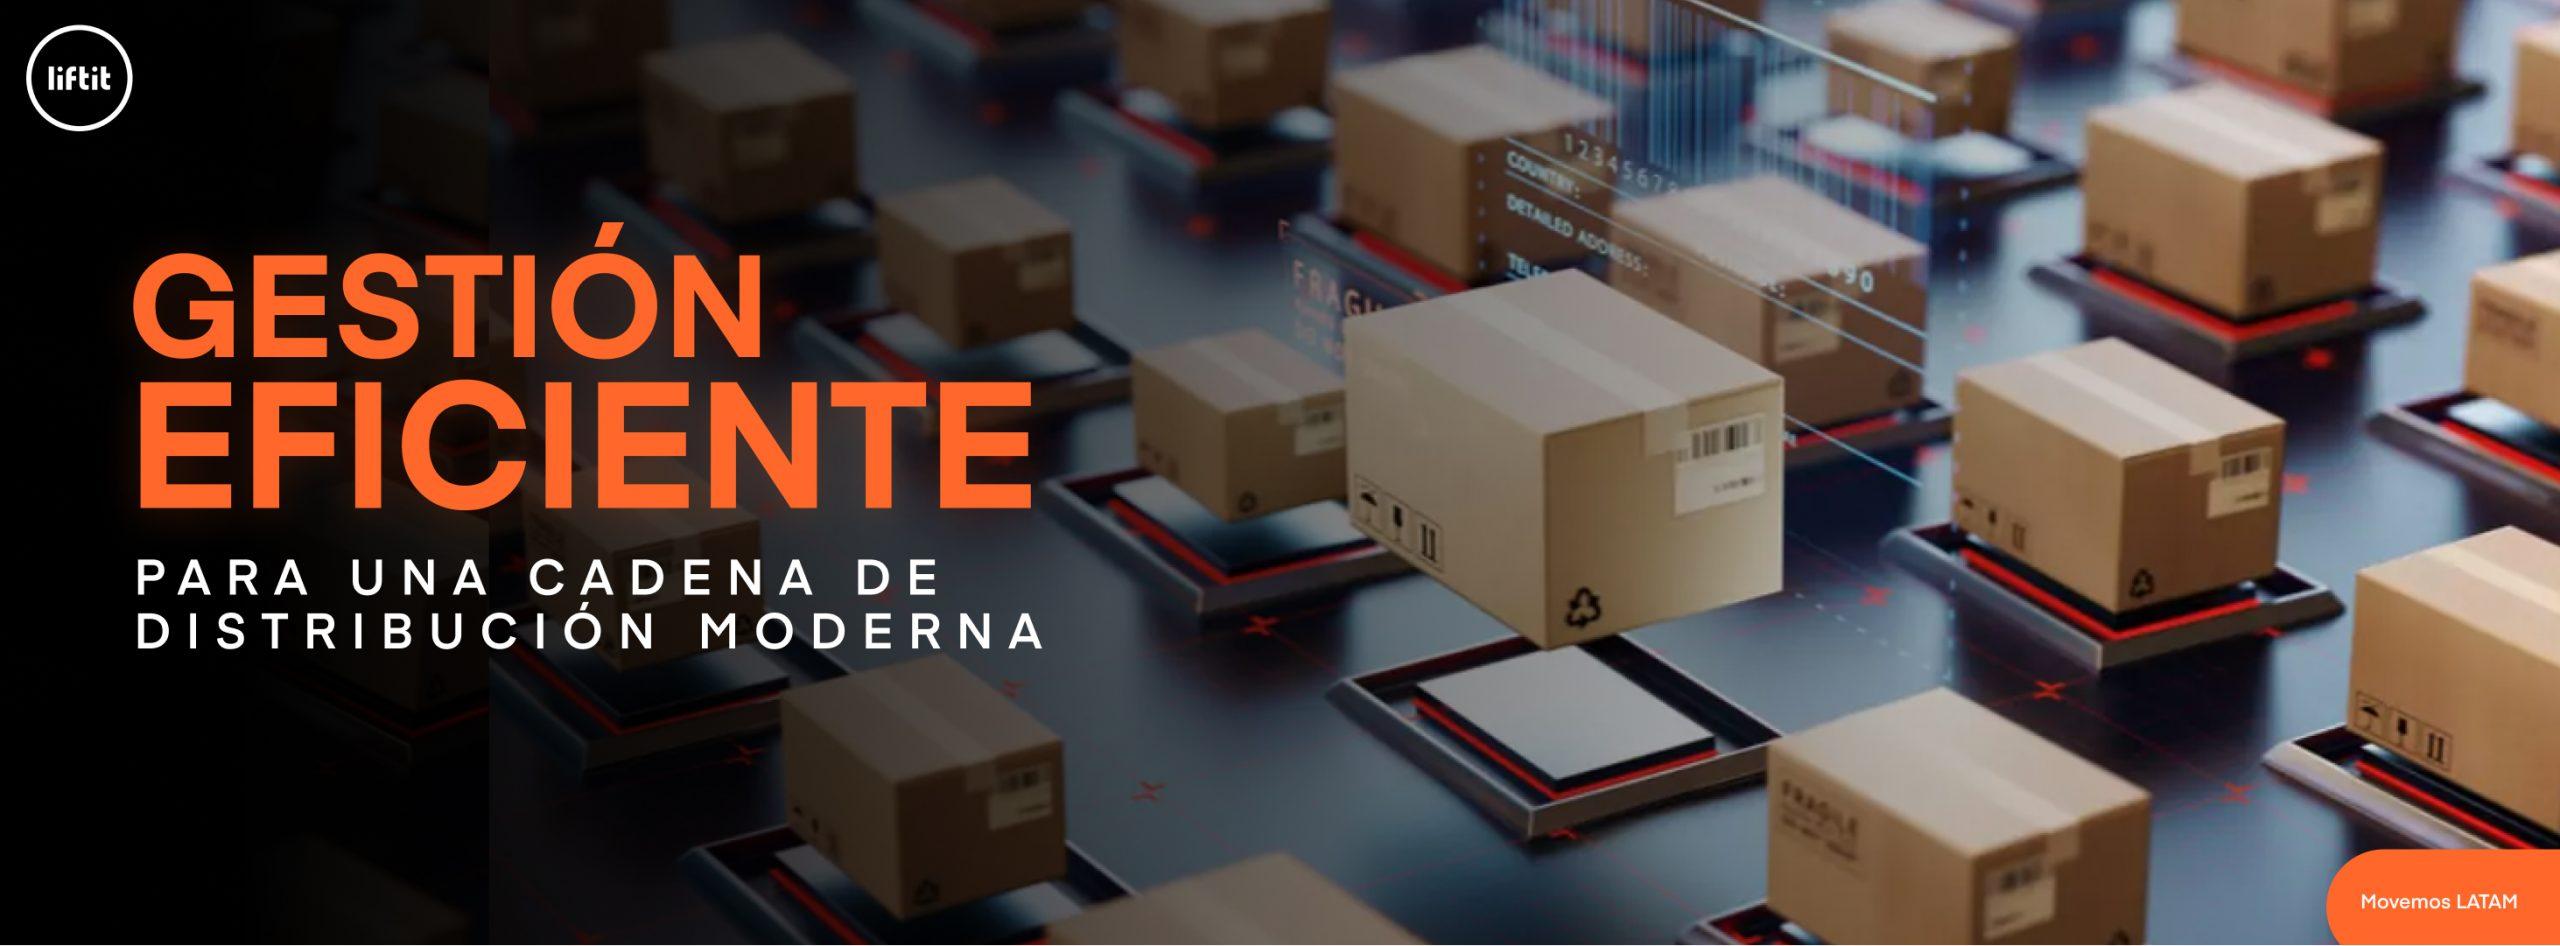 gestion-eficiente-para-cadena-de-distribucion-moderna